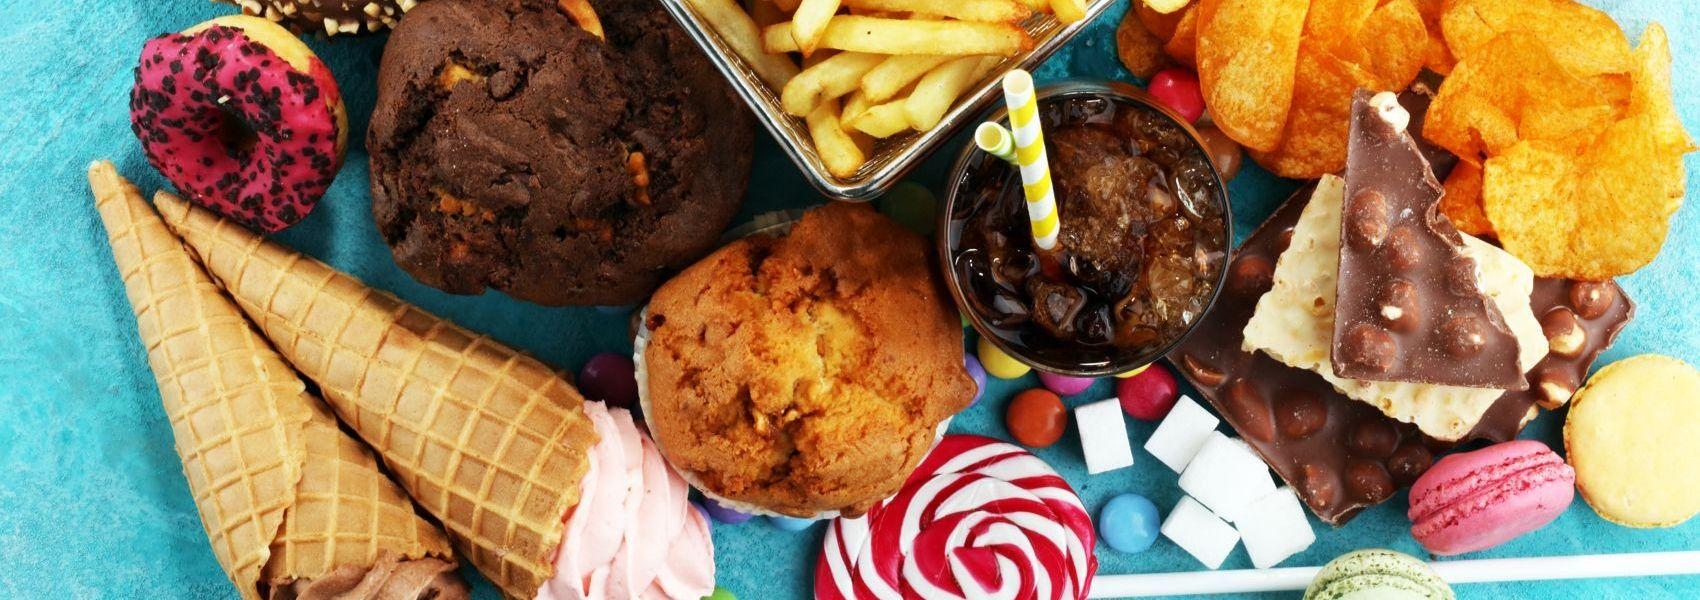 Dietas ricas em gordura não mudam só a aparência, mas afetam o cérebro